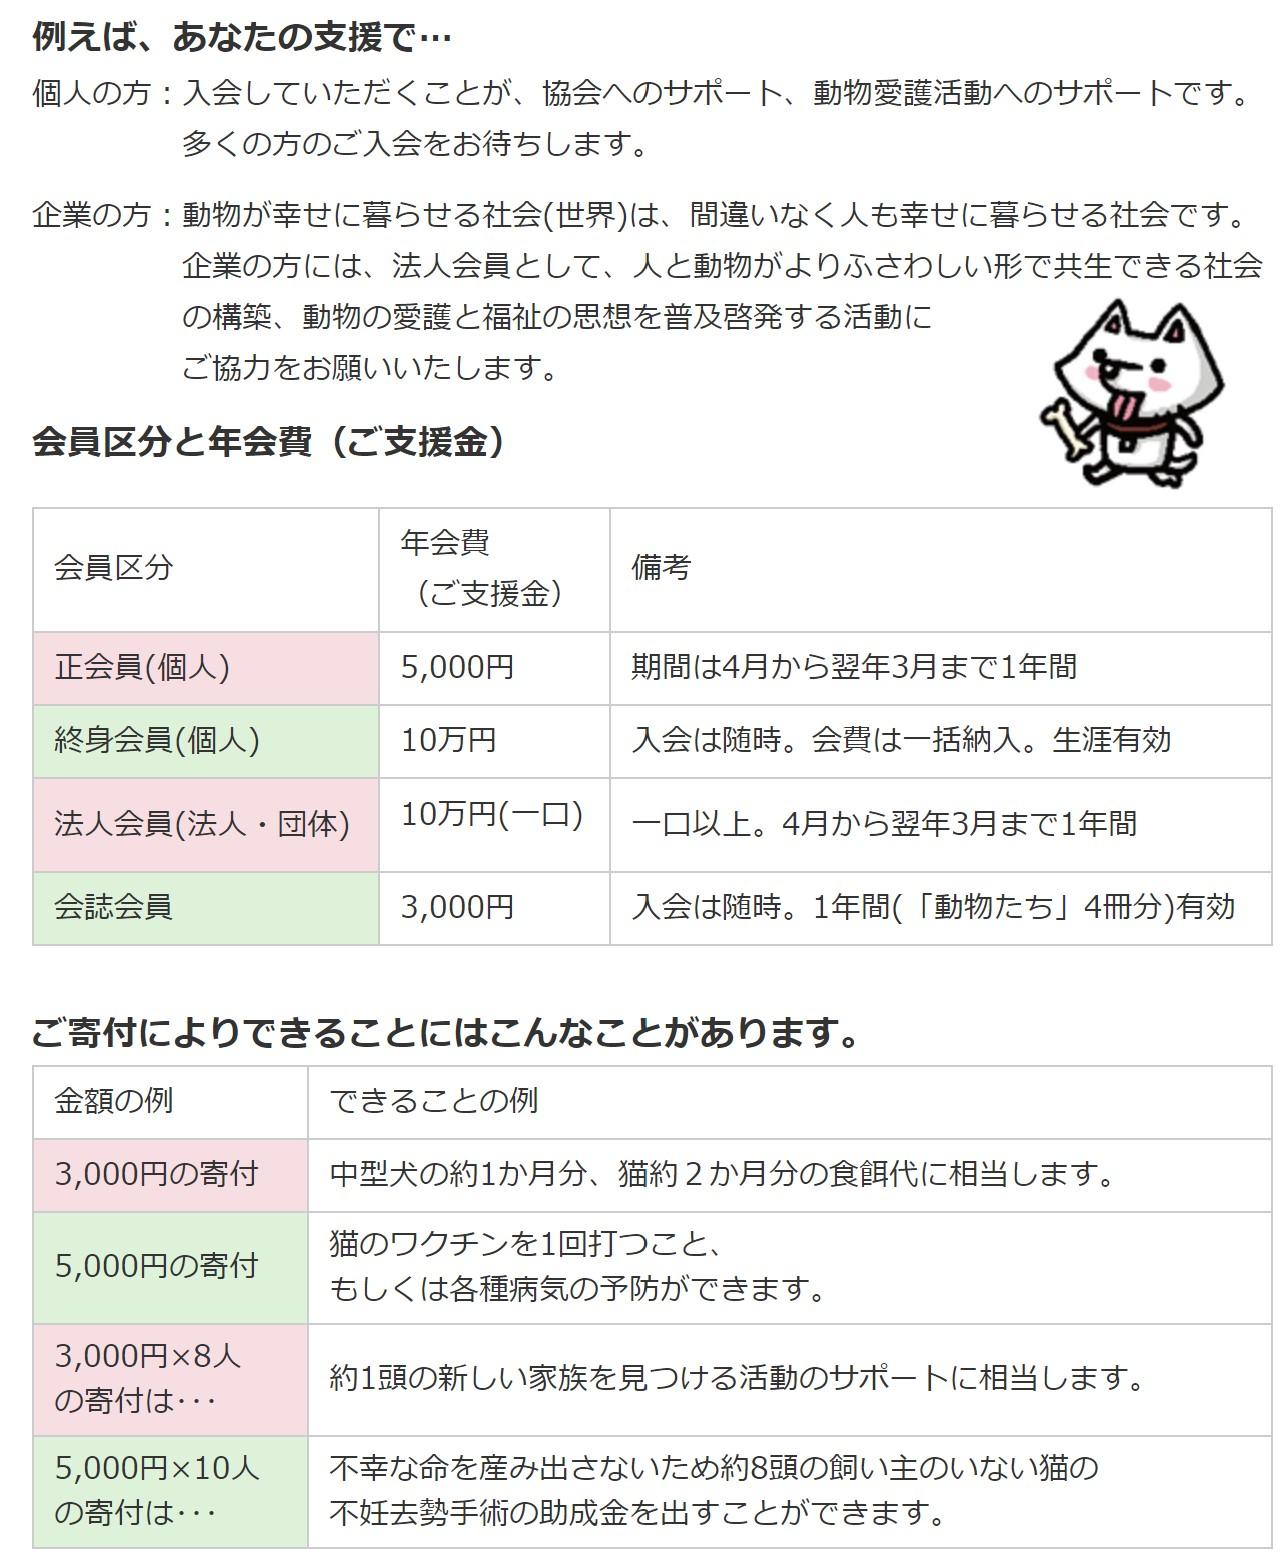 日本動物愛護協会への支援